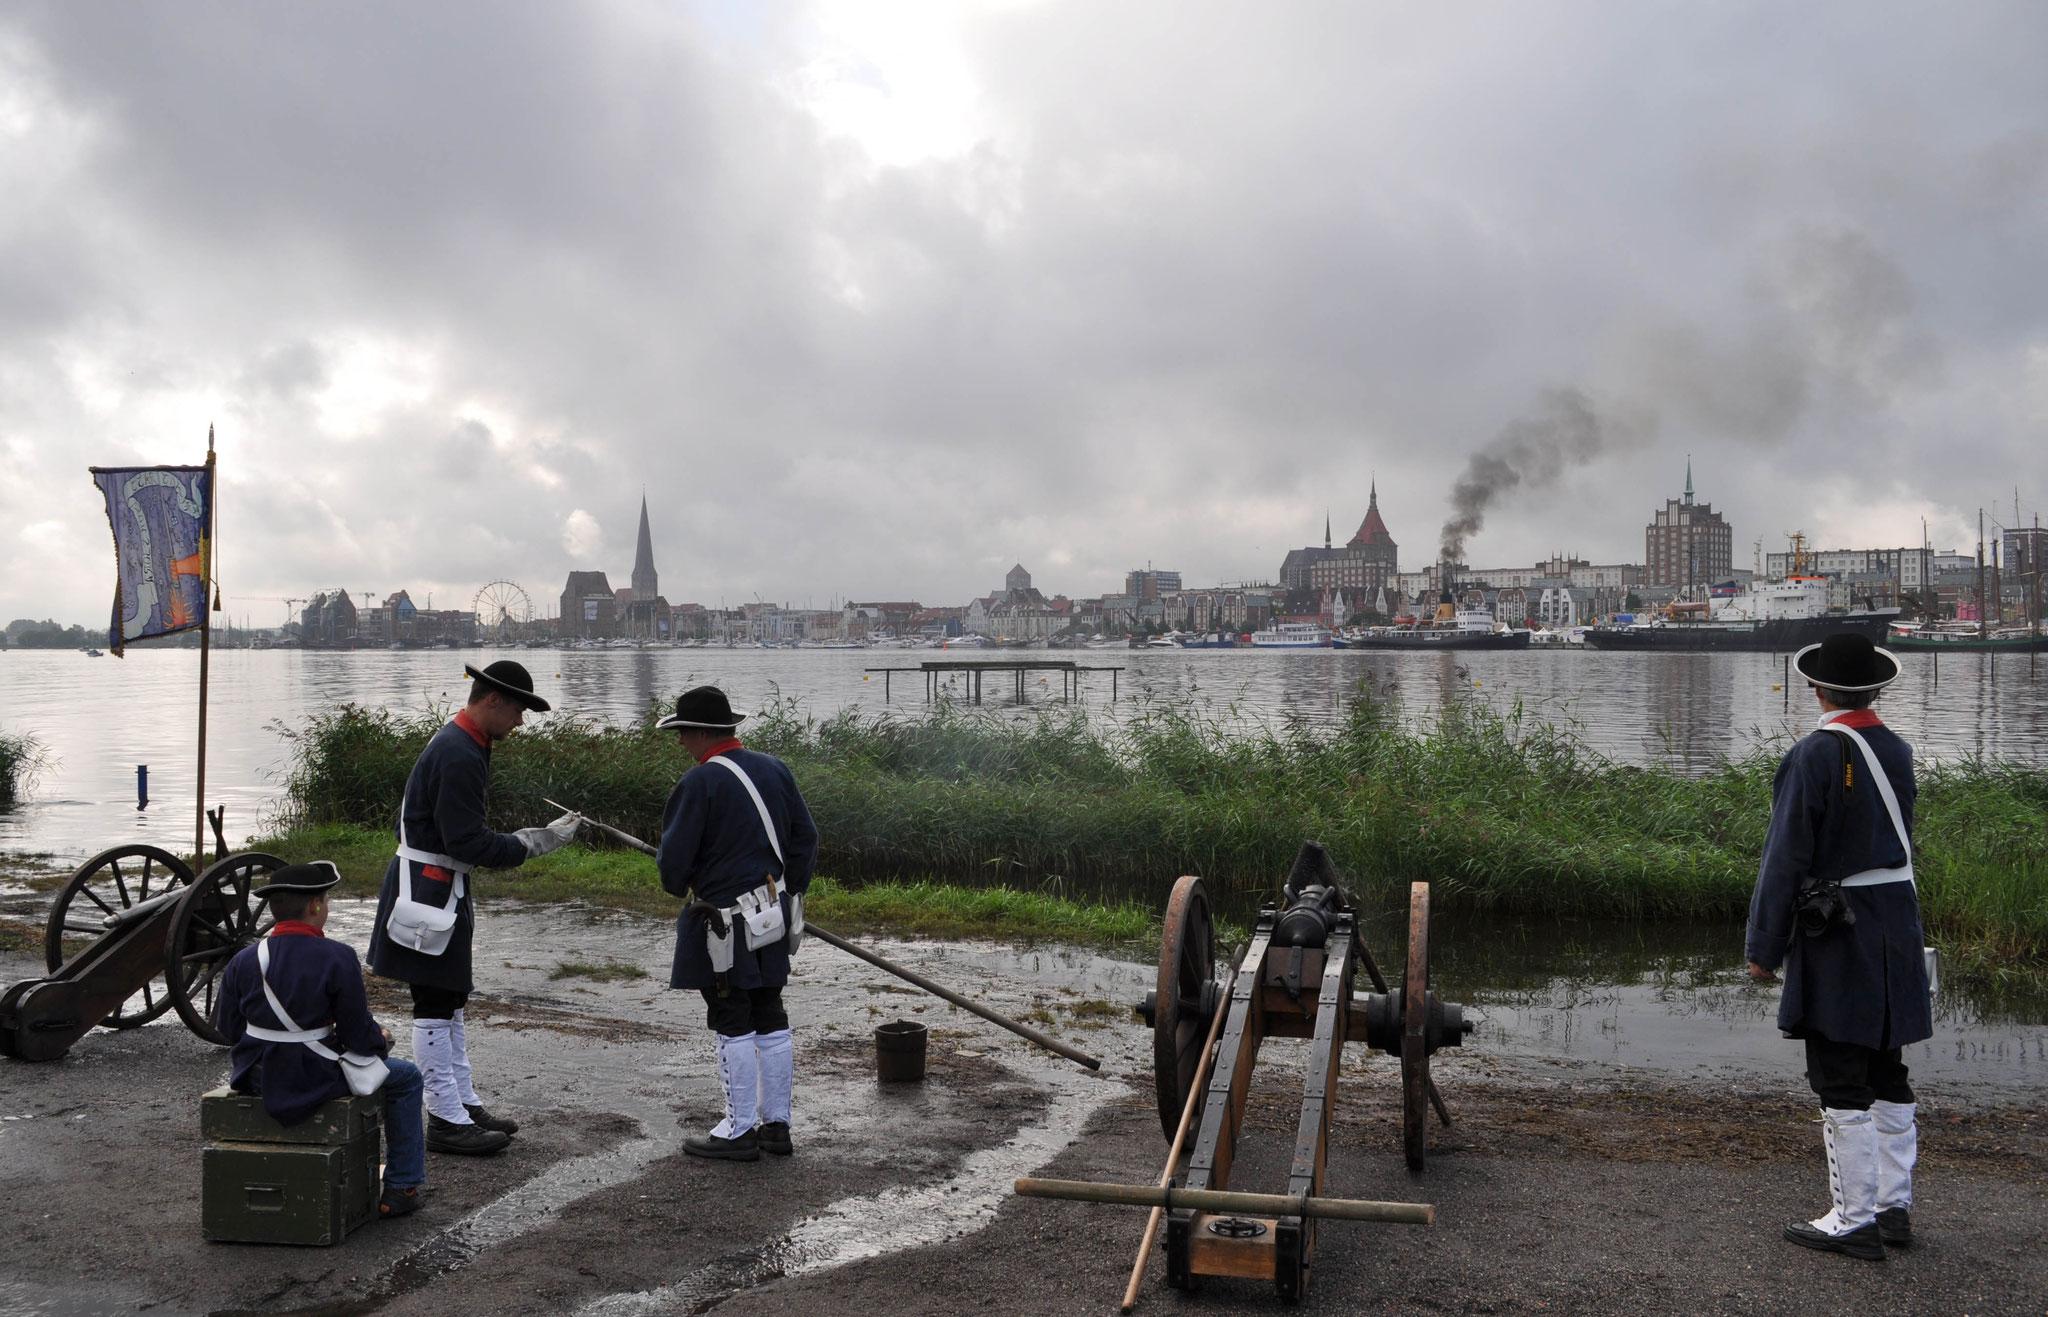 Kanoniere während der Hanse Sail am Gehlsdorfer Ufer.